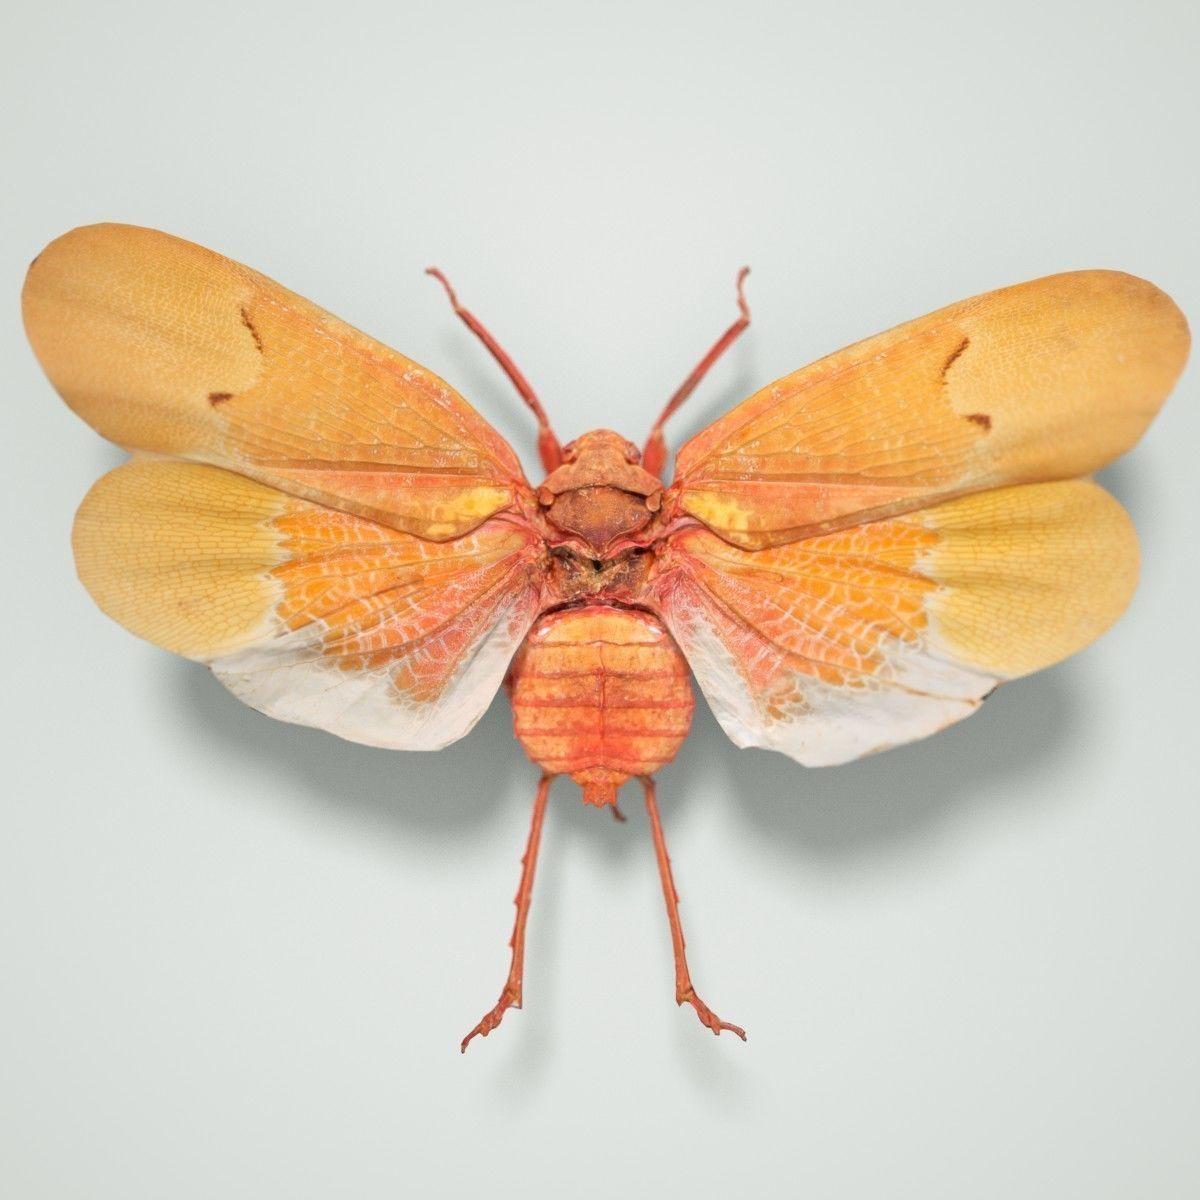 Cicada Scamandra Sanguiflua Sulawesi Insect